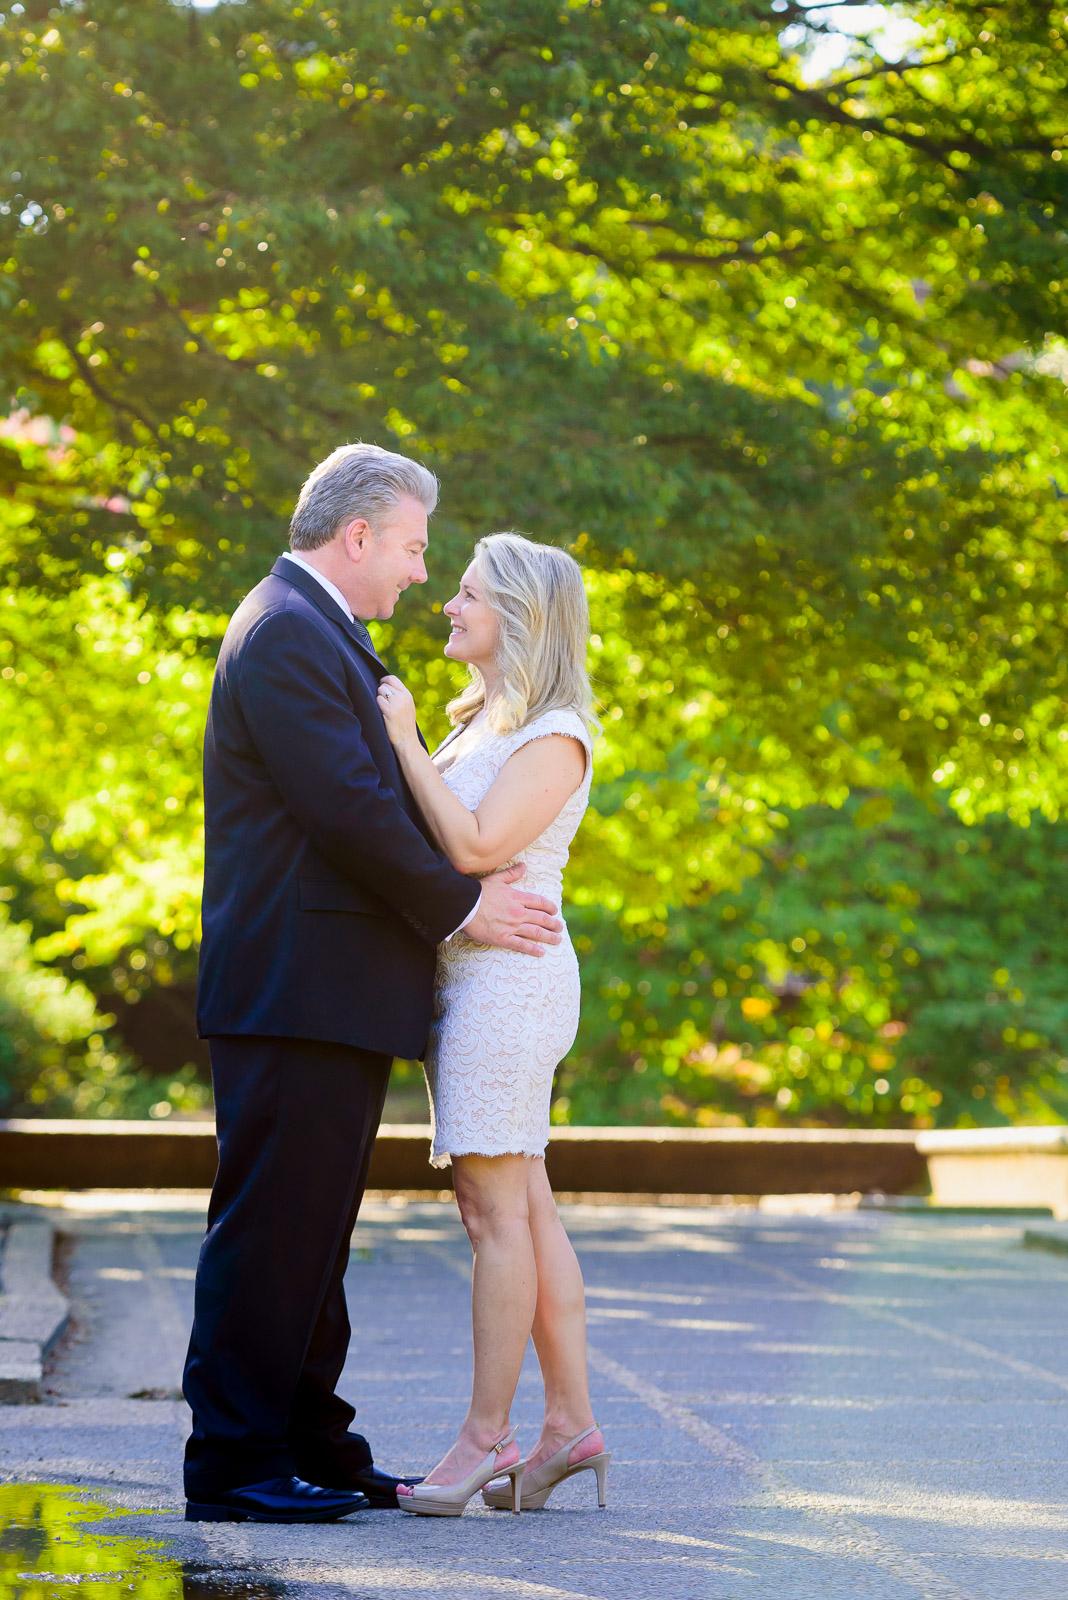 phill-cherie-wedding-028-blog.jpg